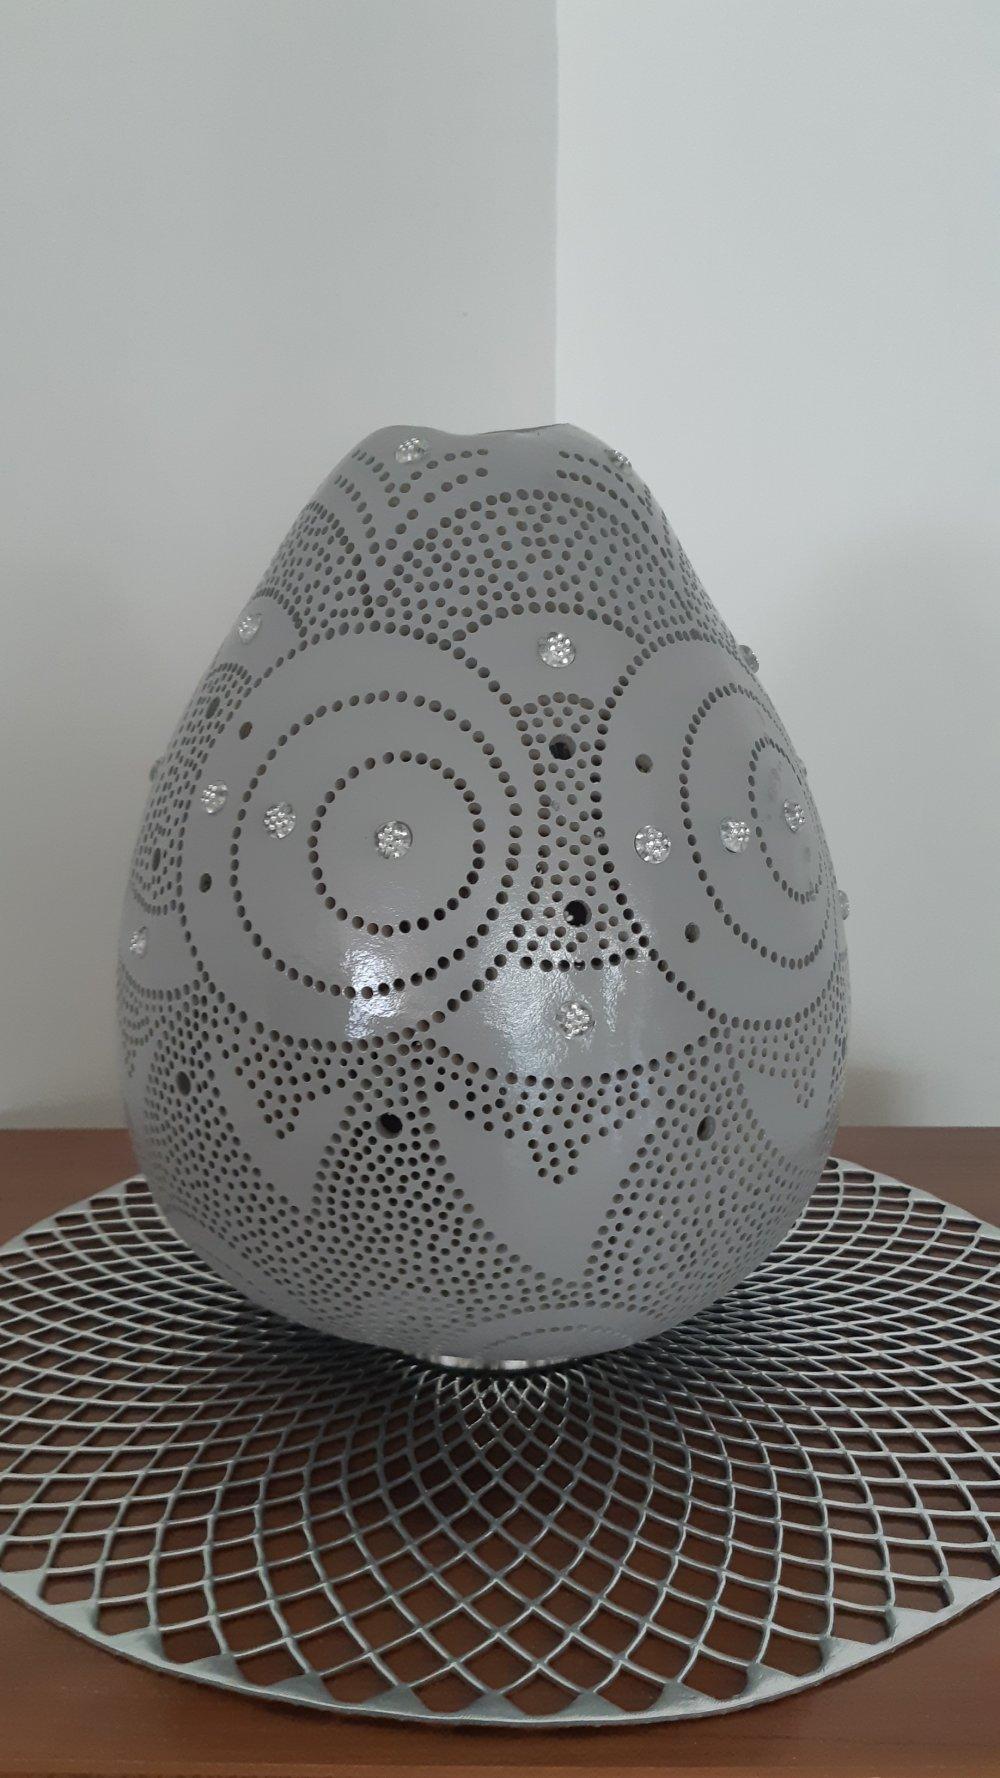 Magnifique Lampe à poser contemporaine artisanale